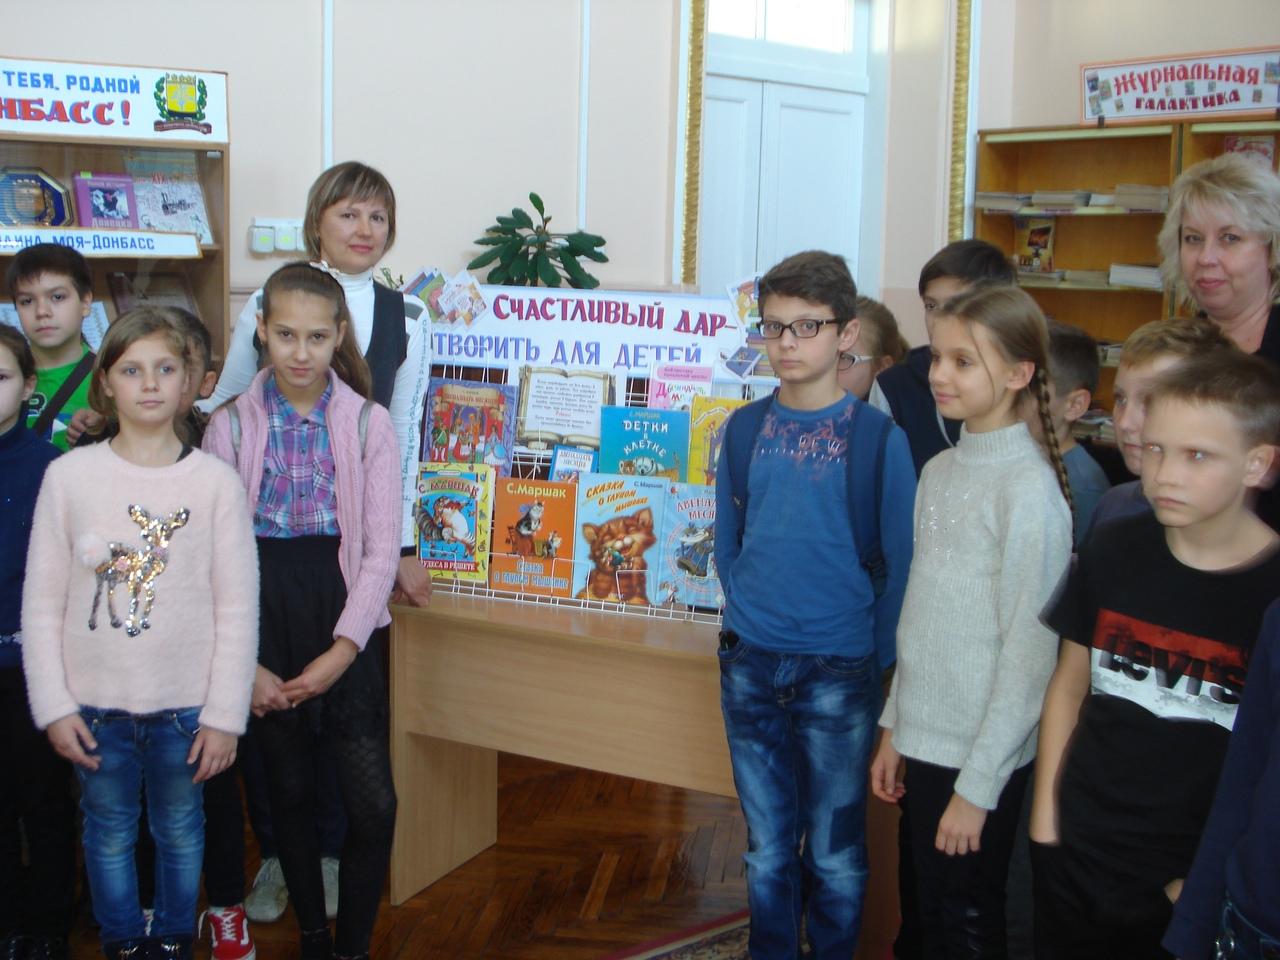 VI День поэзии С. Я. Маршака в детских библиотеках, Донецкая республиканская библиотека для детей, отдел обслуживания учащихся 5-9 классов